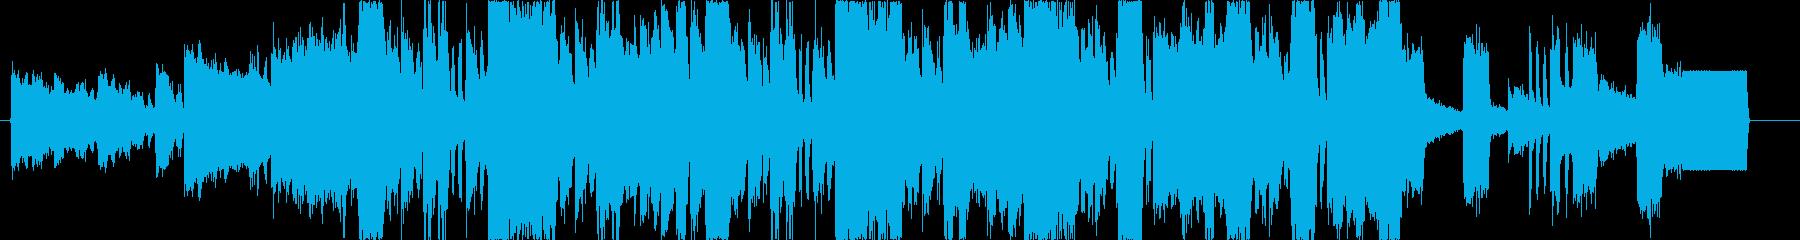 ロック&ダブステップの高揚感満天BGMの再生済みの波形